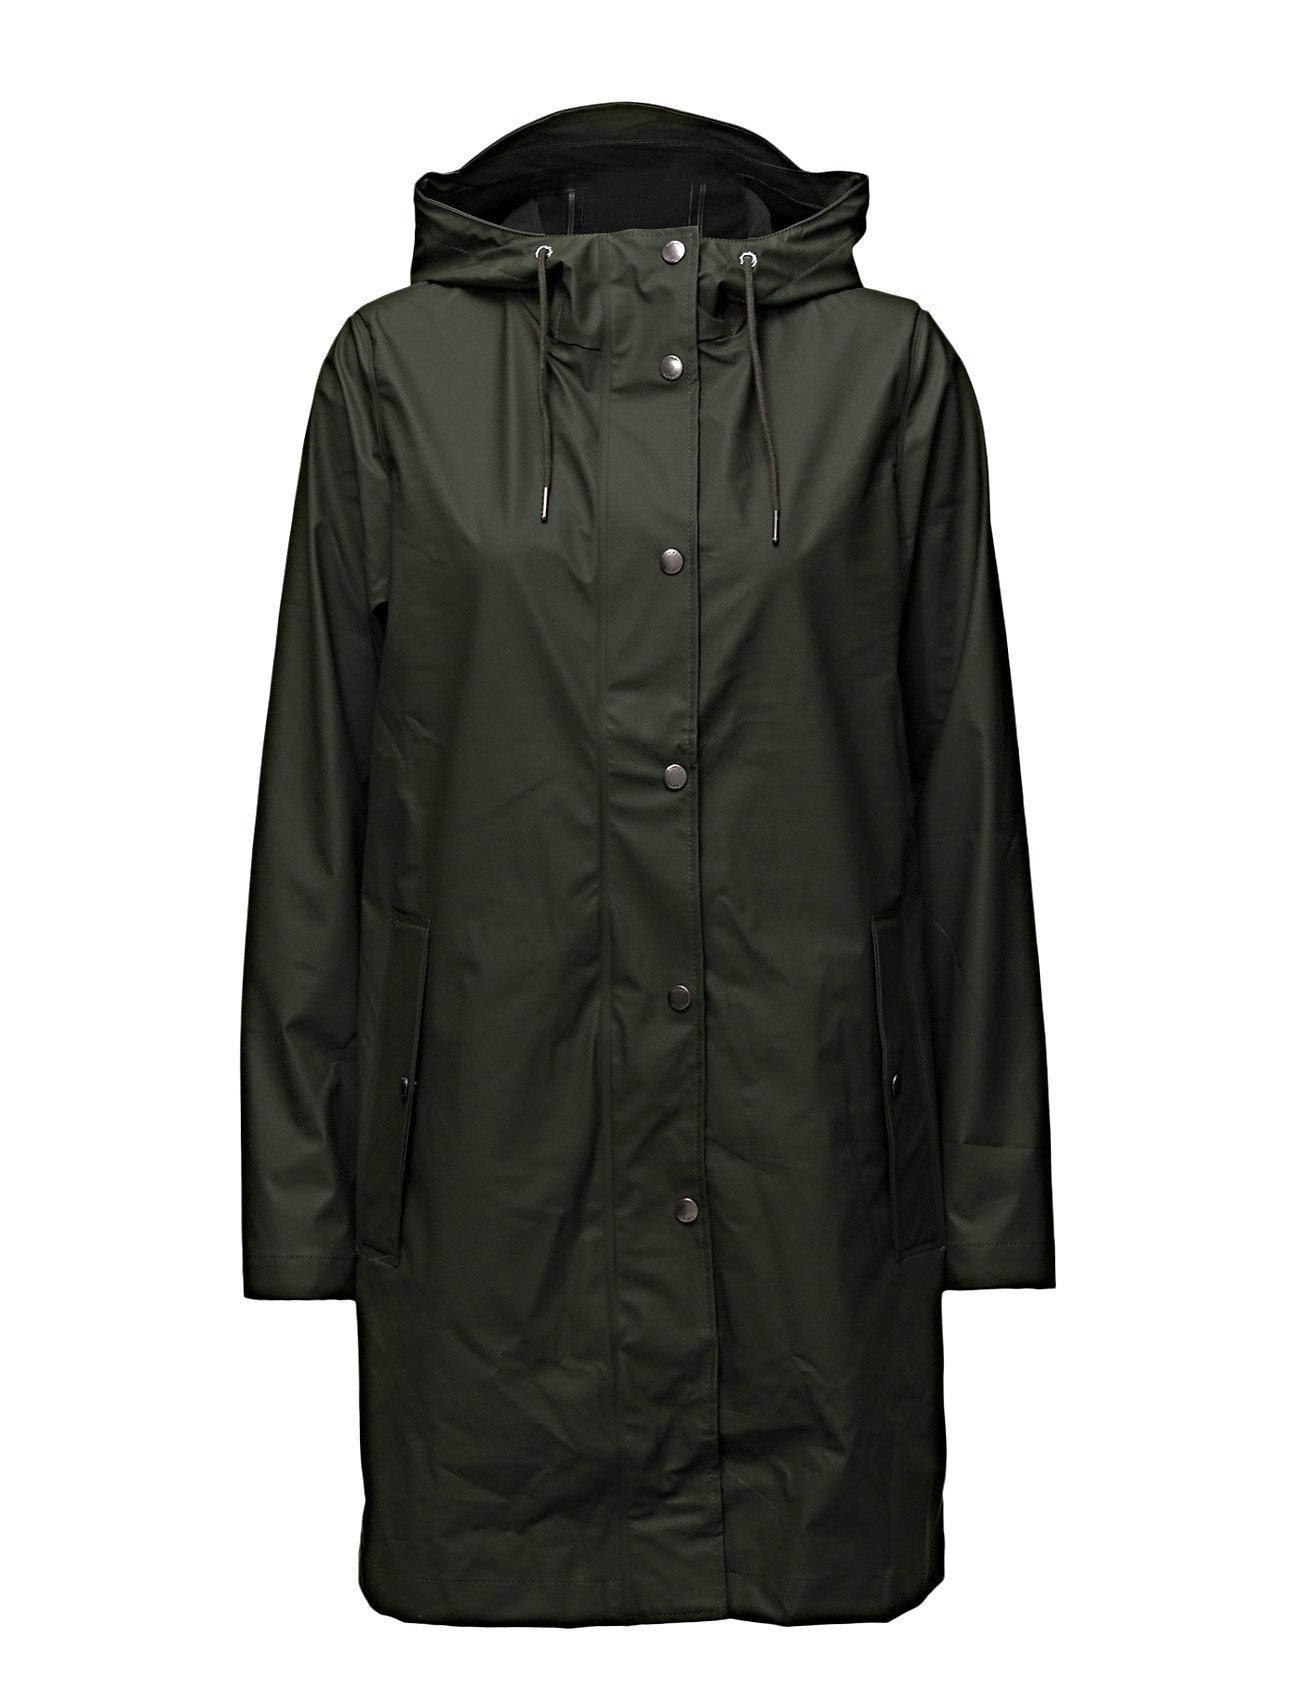 Jacket Stala Jacket Stala Stala 7357rosinSamsøeamp; 7357rosinSamsøeamp; Jacket L34RA5jq